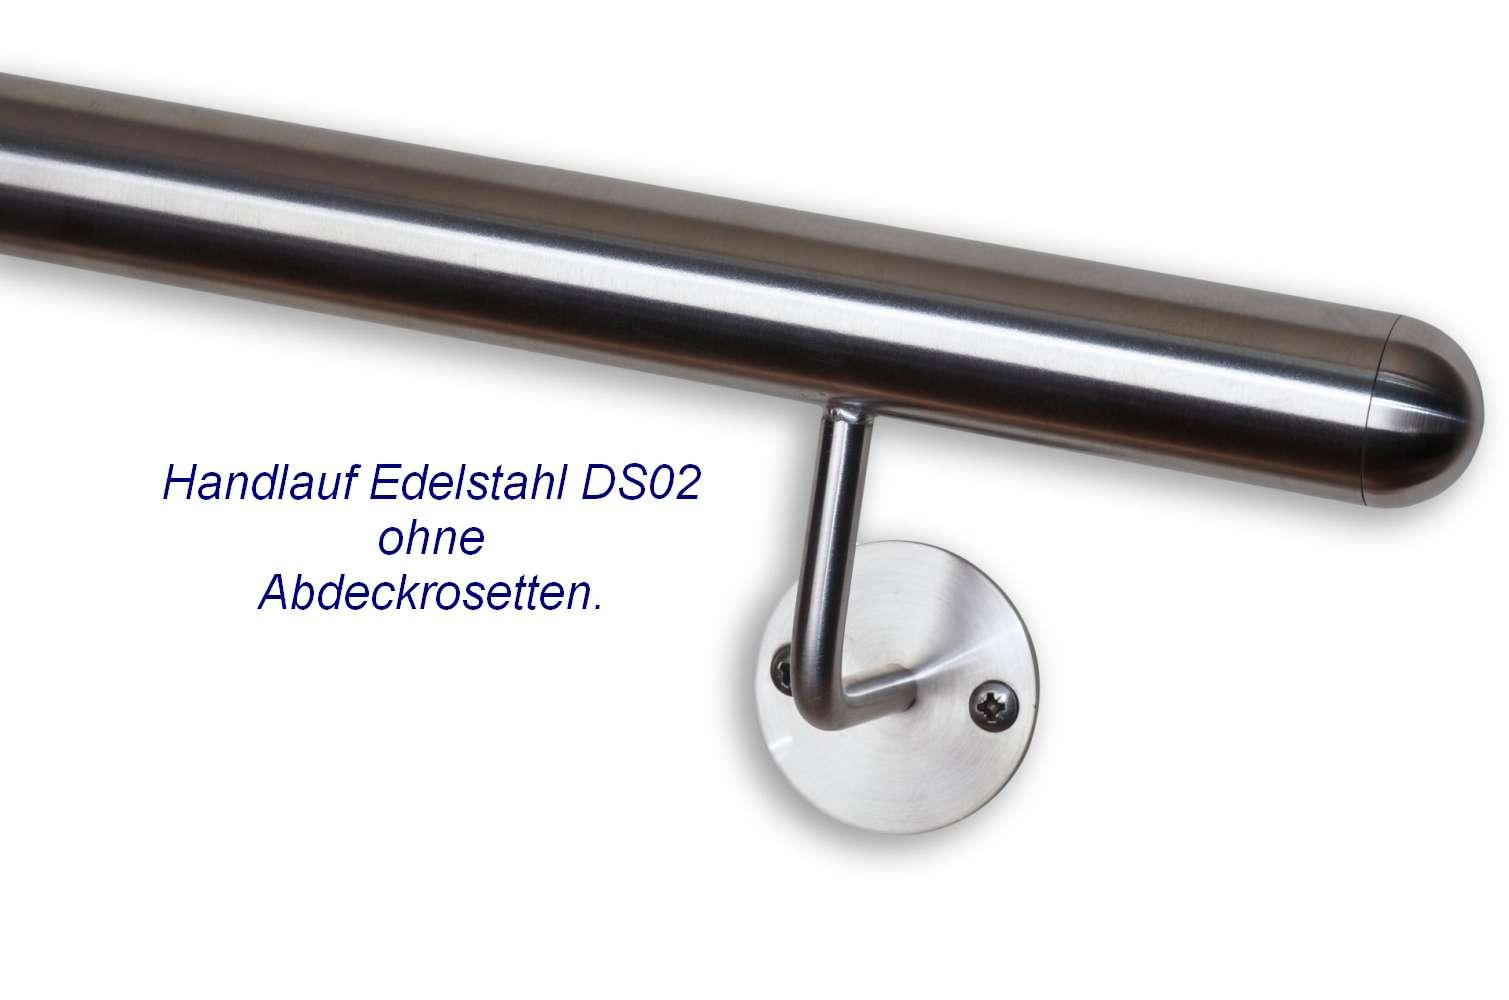 handlauf edelstahl ds02 auf ma gefertigt mit runden handlaufenden deutschland. Black Bedroom Furniture Sets. Home Design Ideas